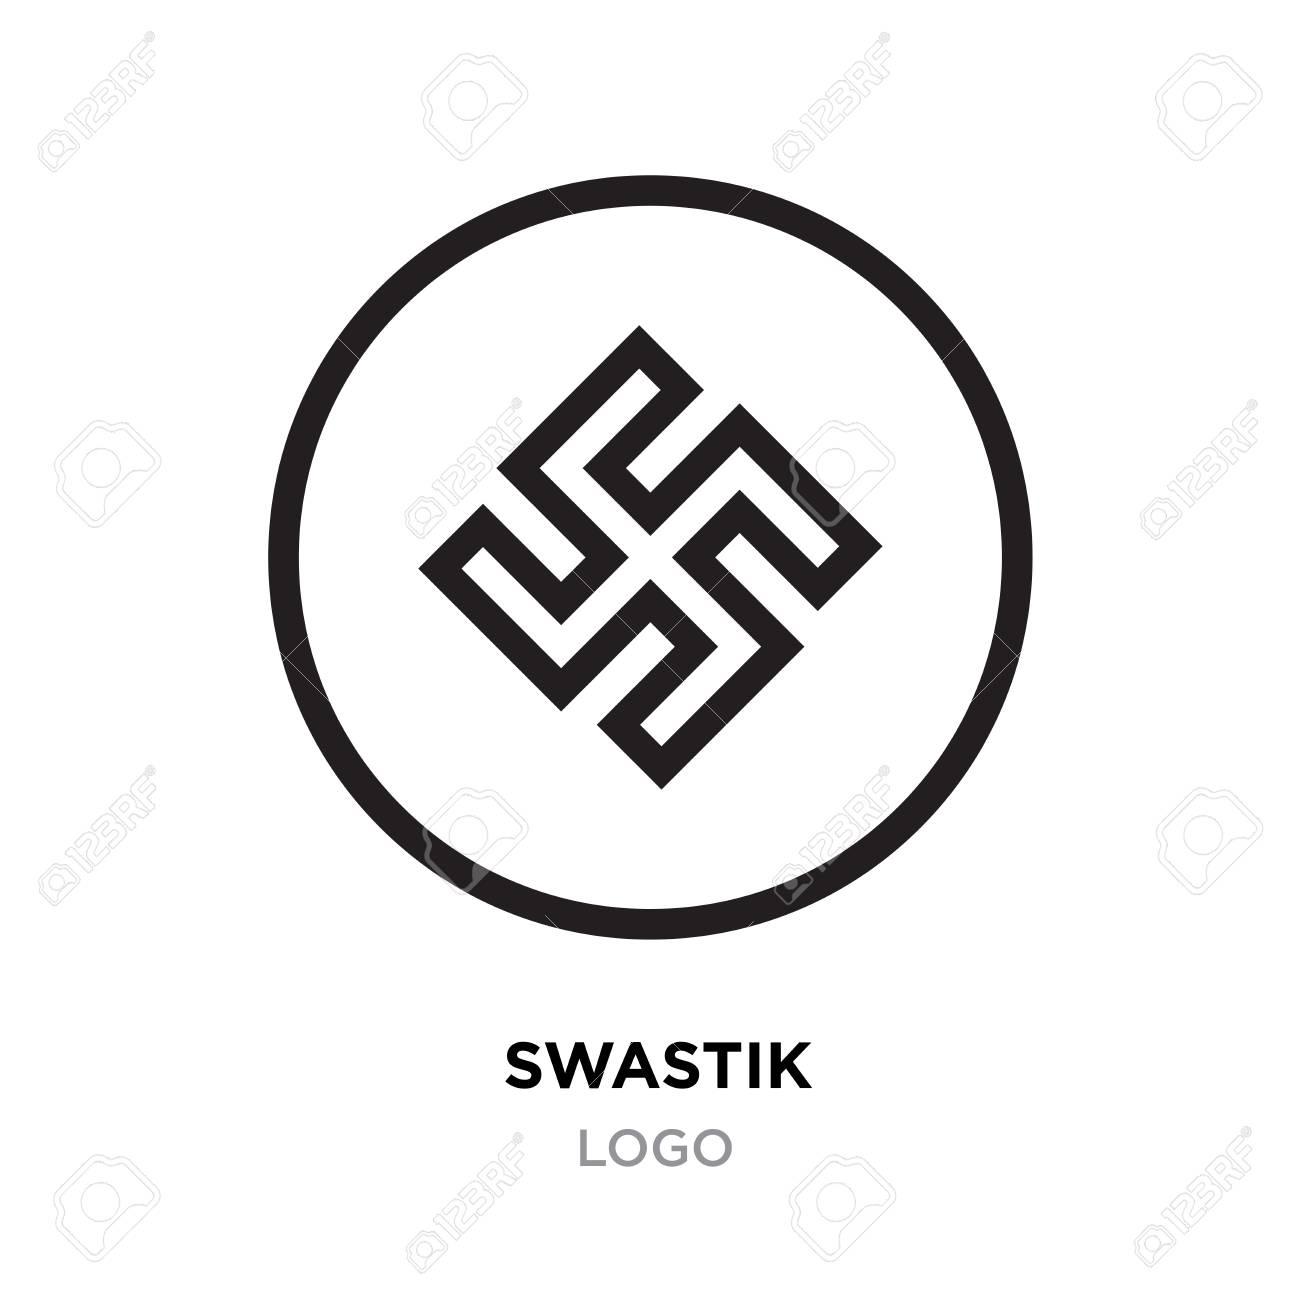 Black swastik logohinduism religion sign indian swastik symbol black swastik logohinduism religion sign indian swastik symbol isolated on white background stock buycottarizona Image collections